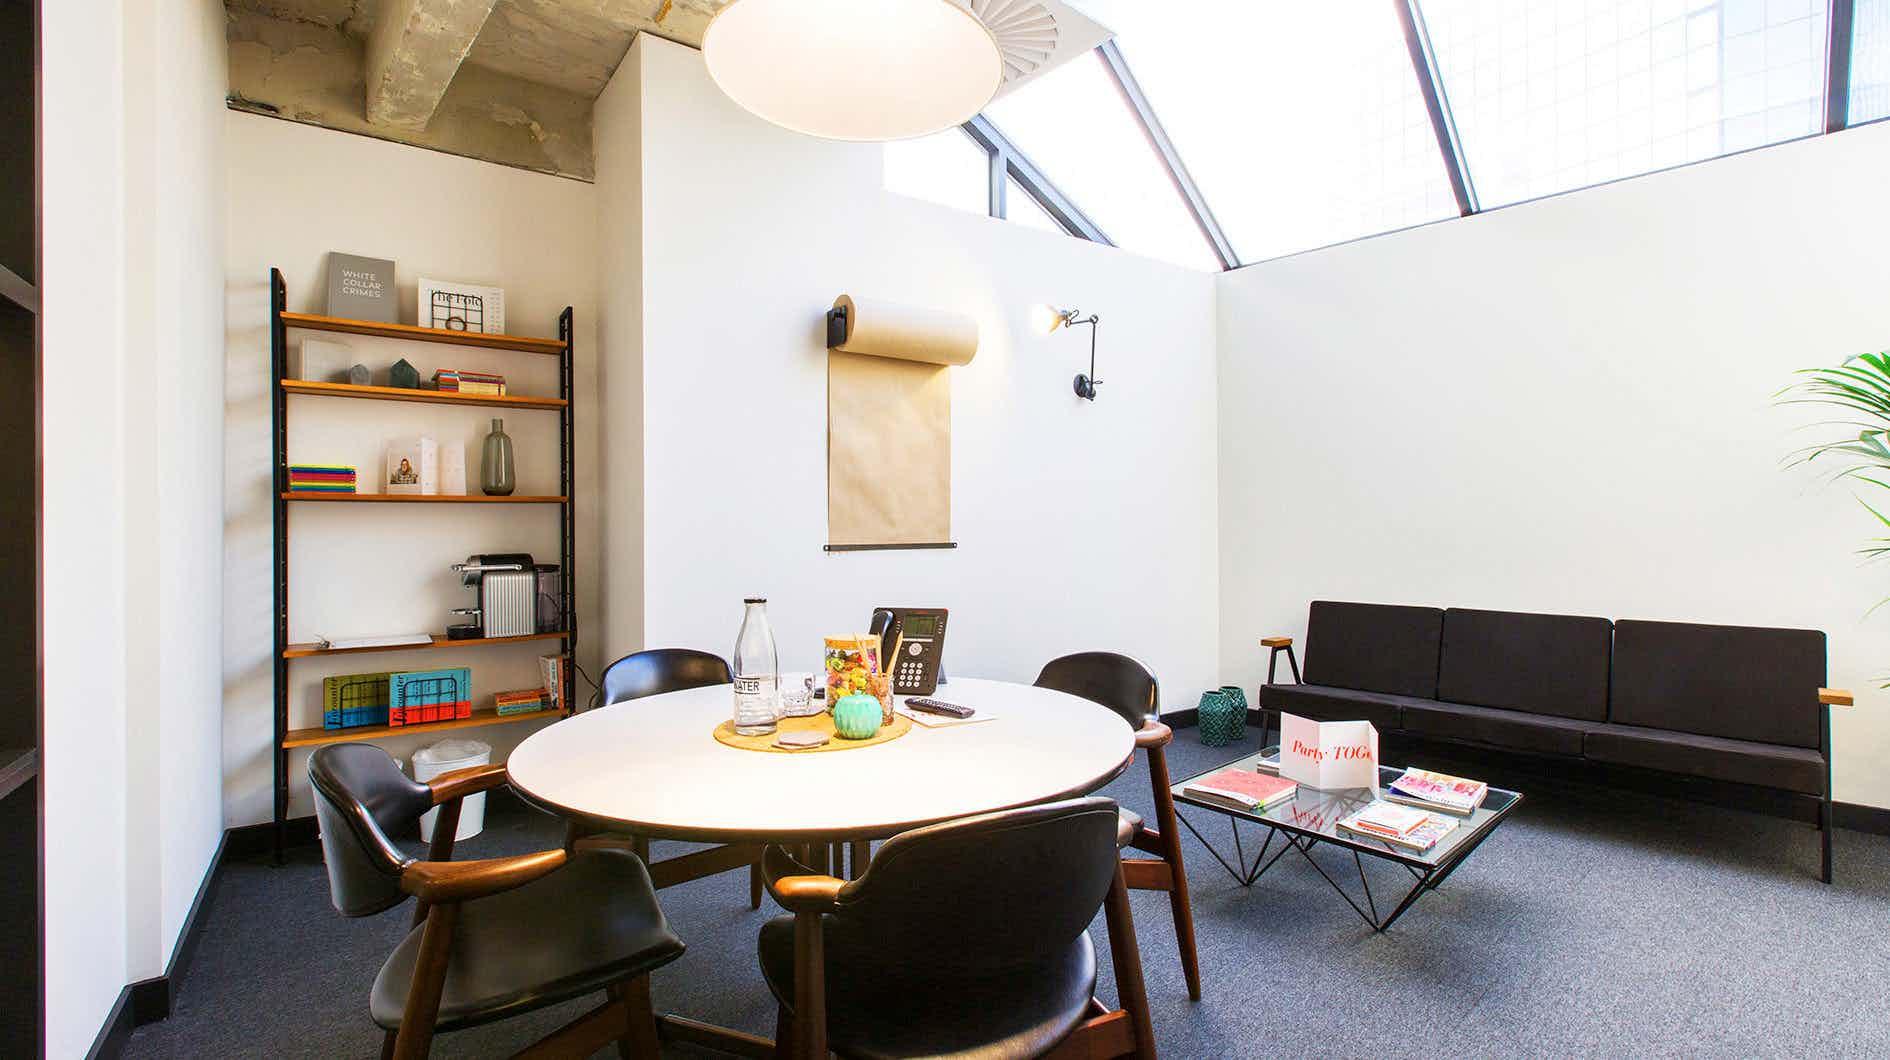 Meeting Room 4, TOG, 256-260 Old Street